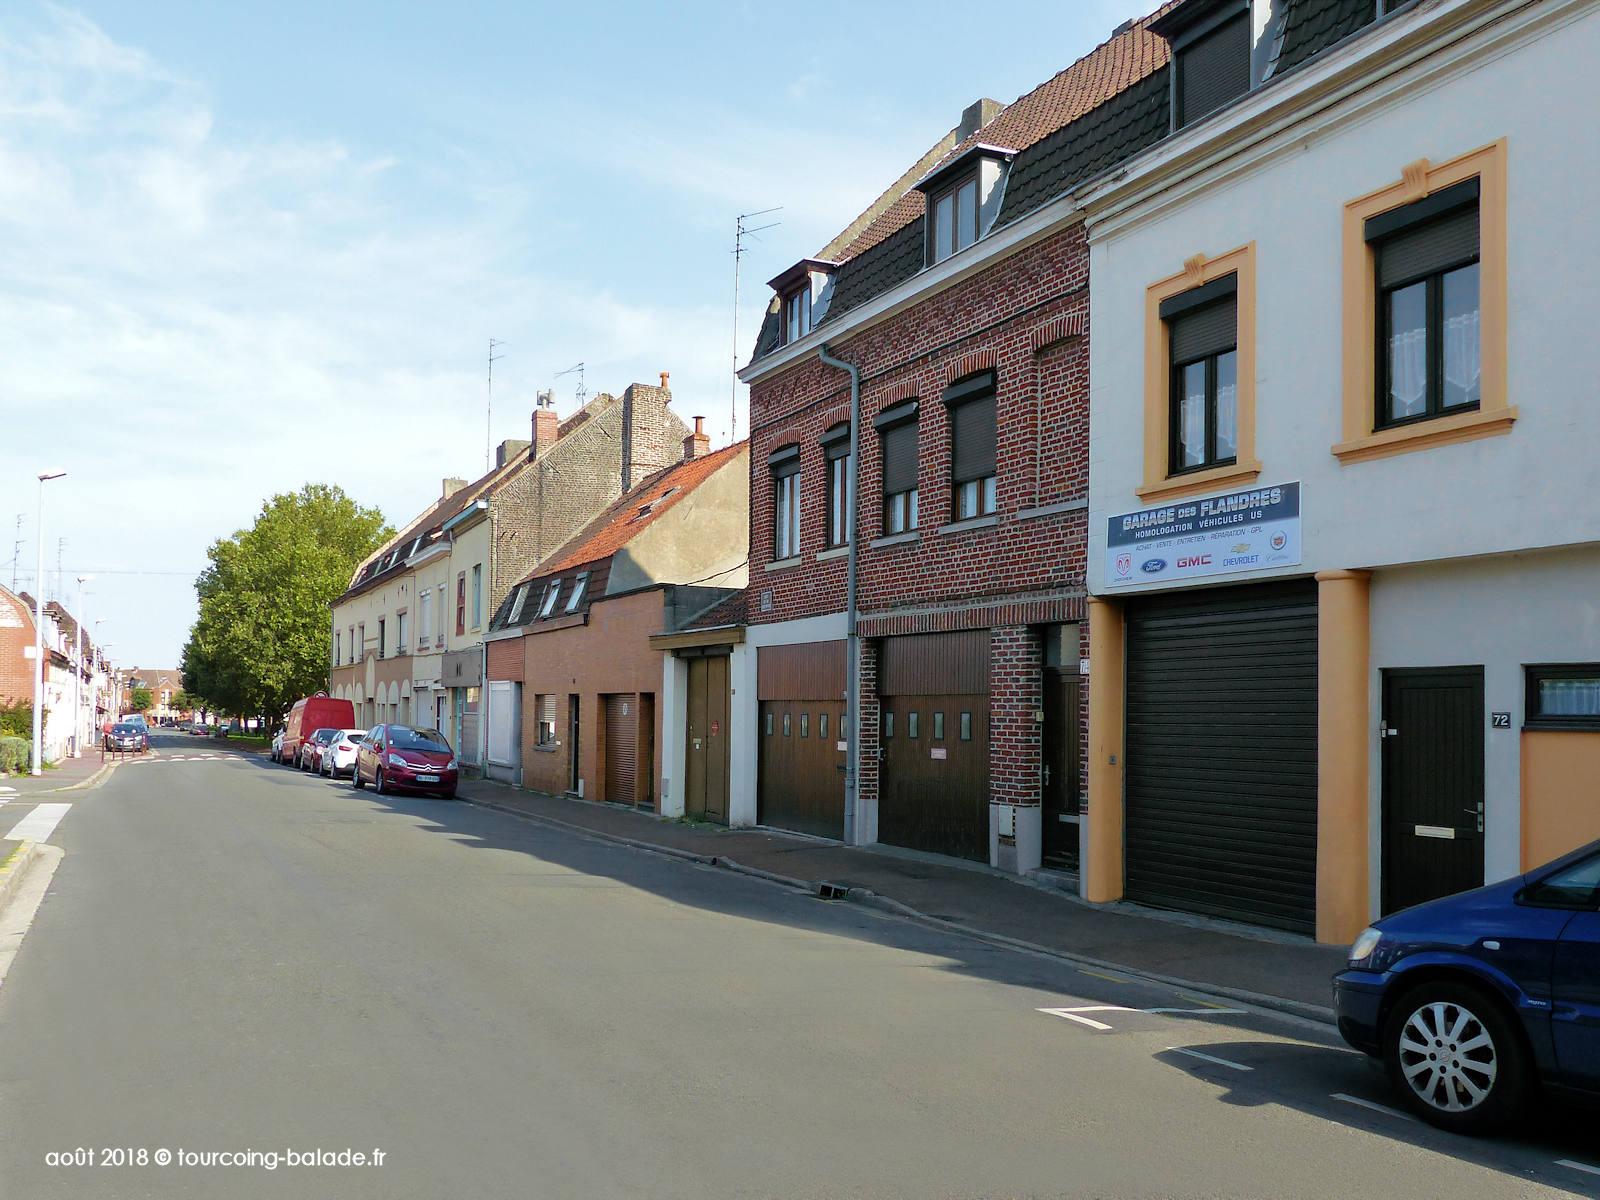 Garage des Flandres, Tourcoing 2018